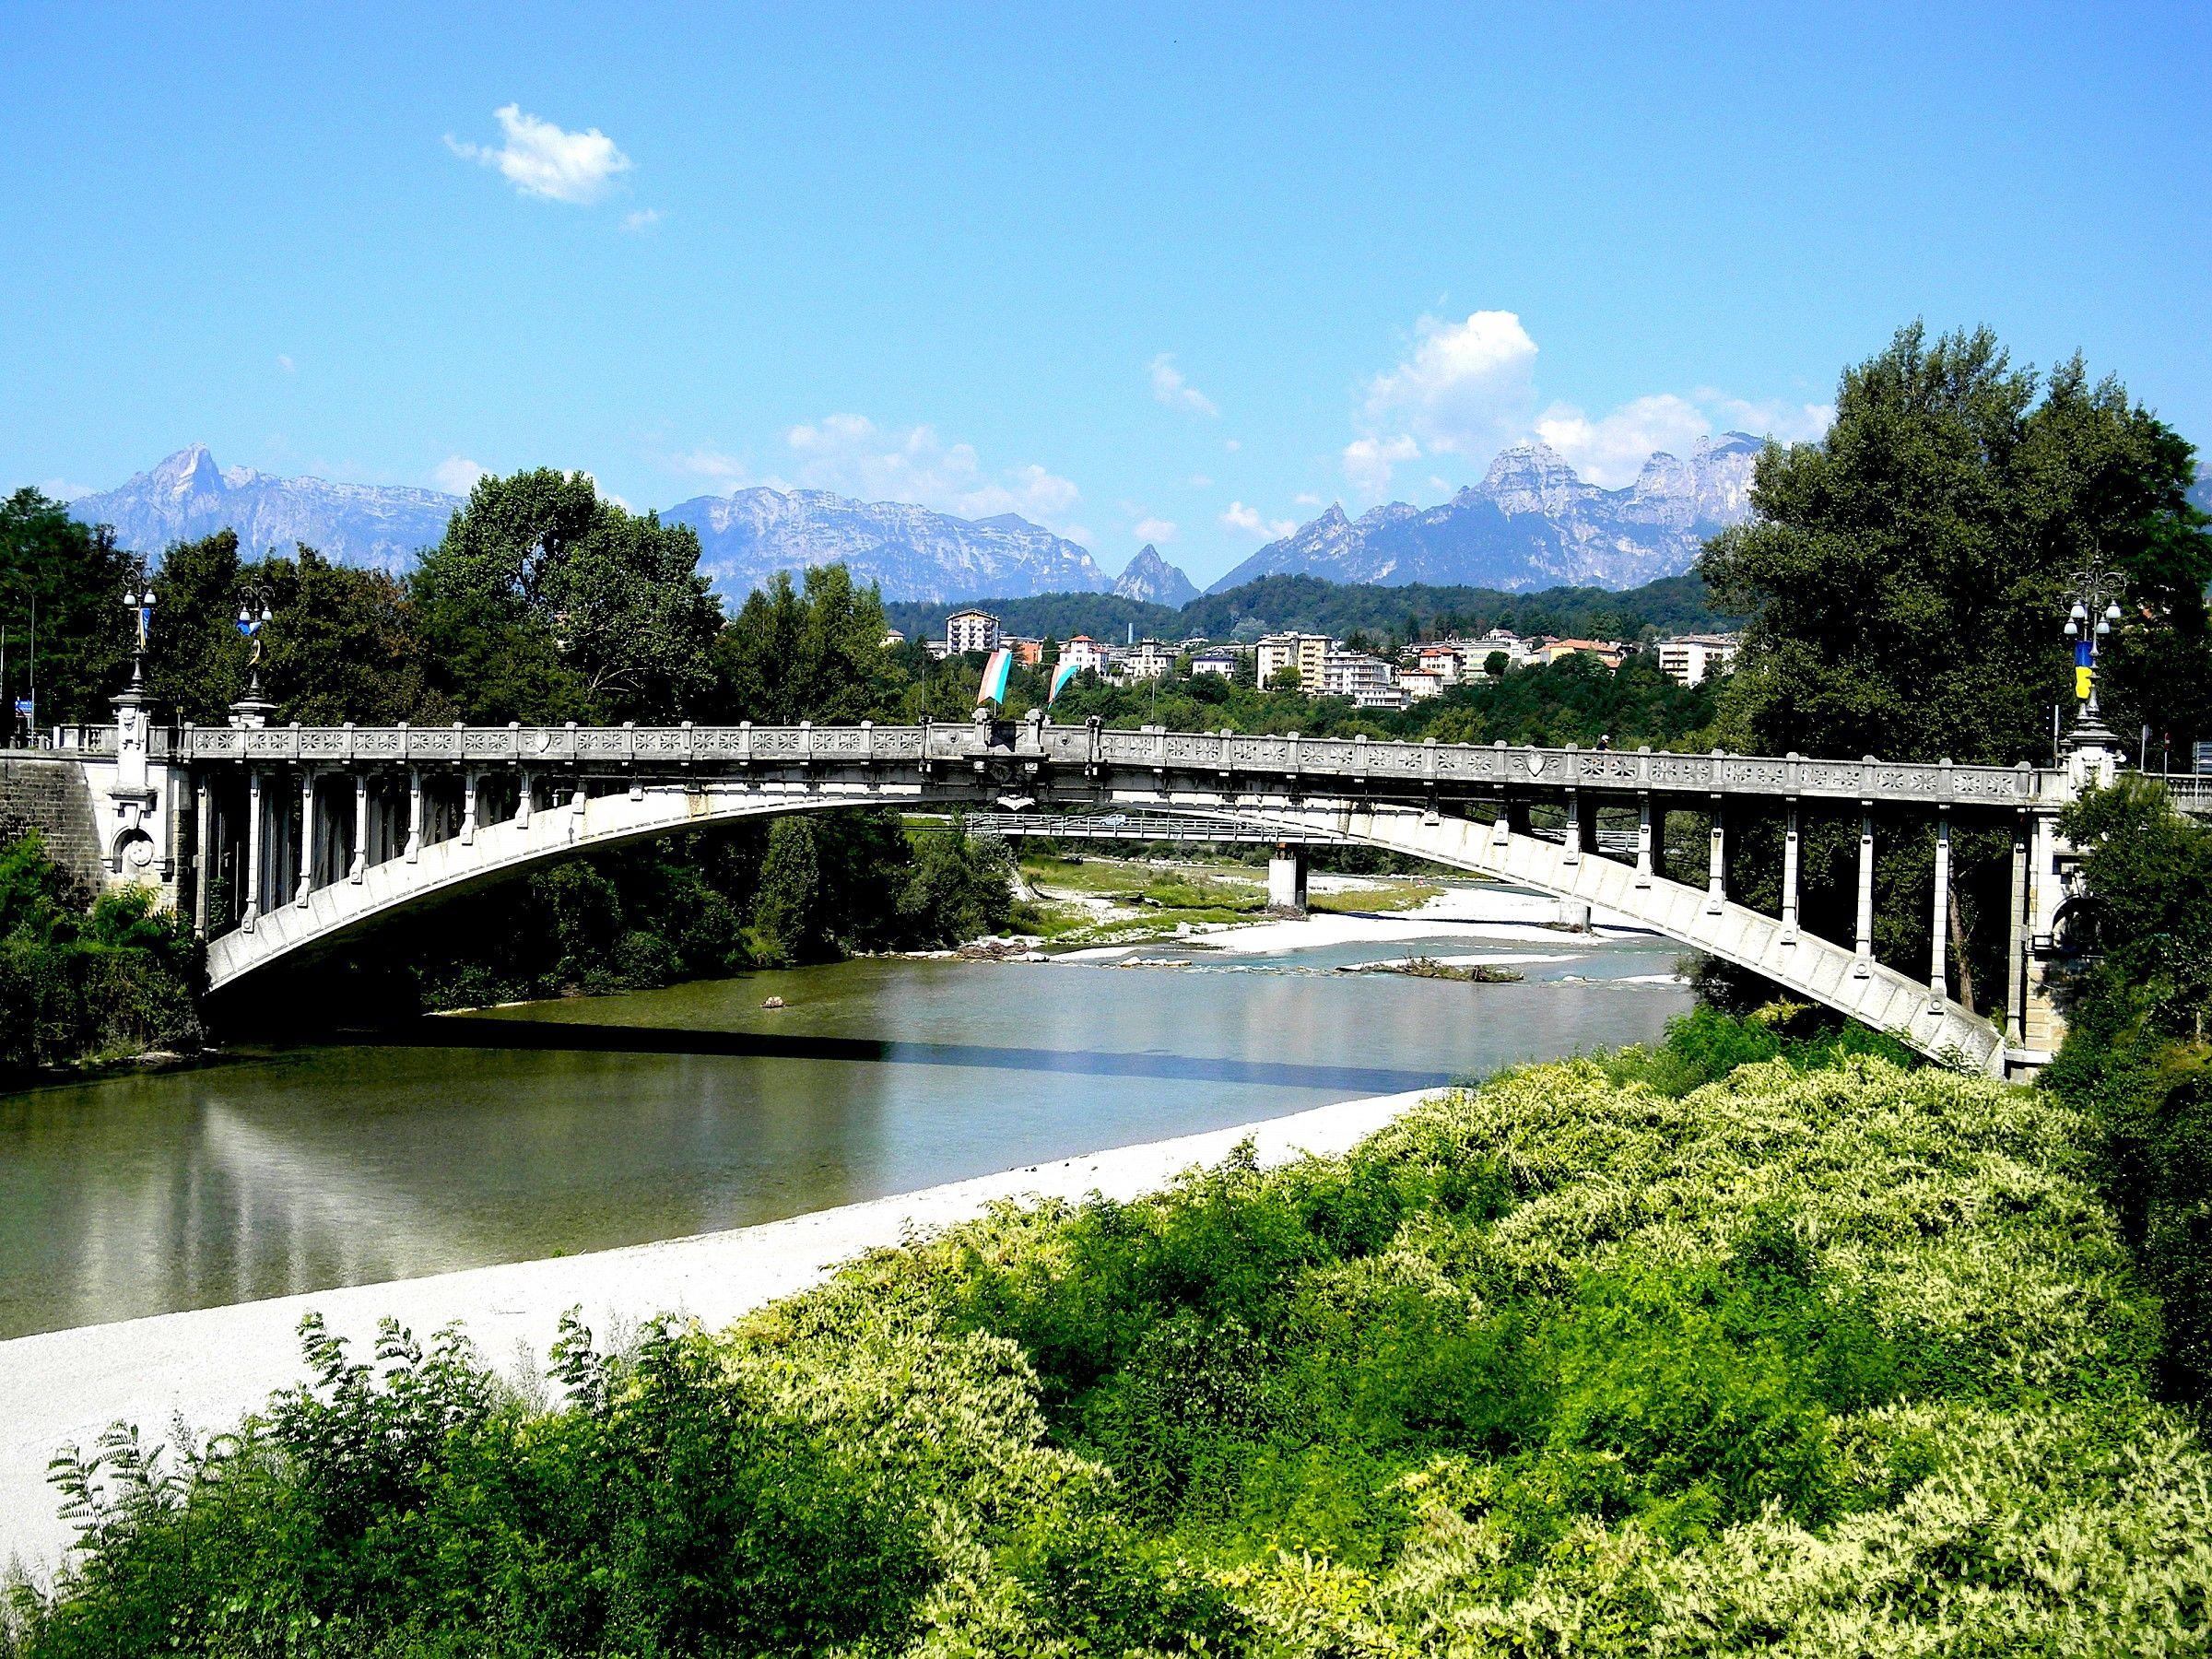 bridge over the river...